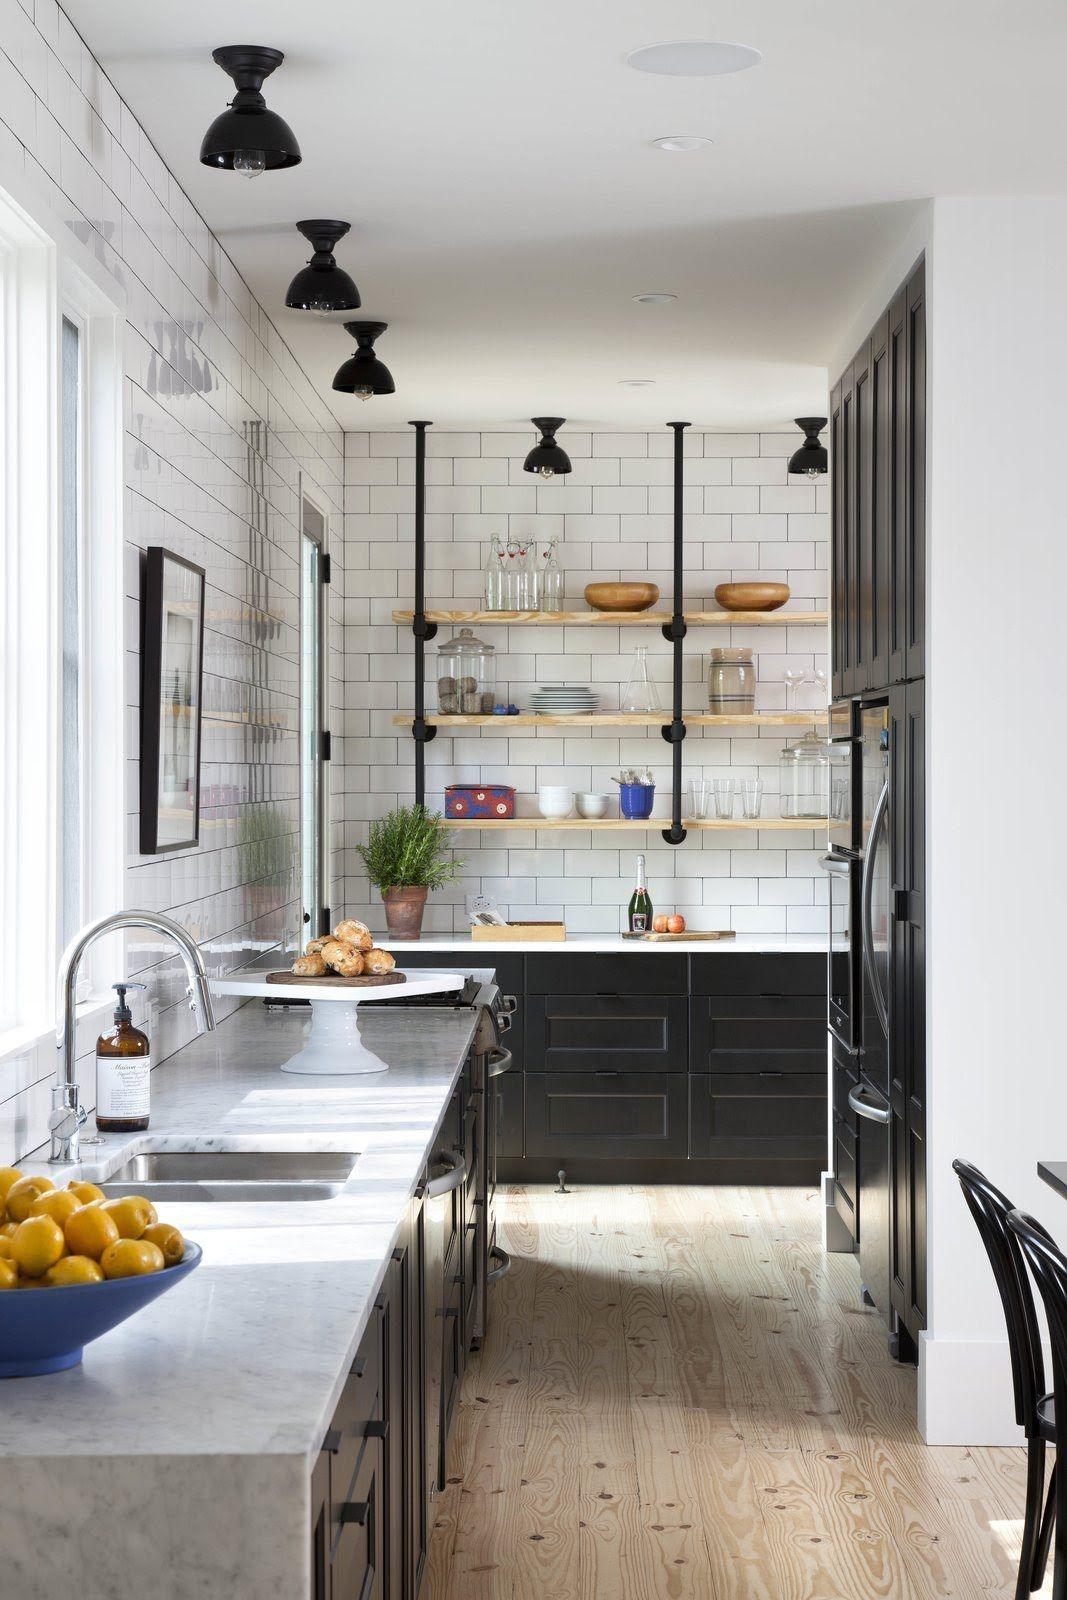 Dwell - Modern Take on a Texas Farmhouse | _kitchen | Pinterest